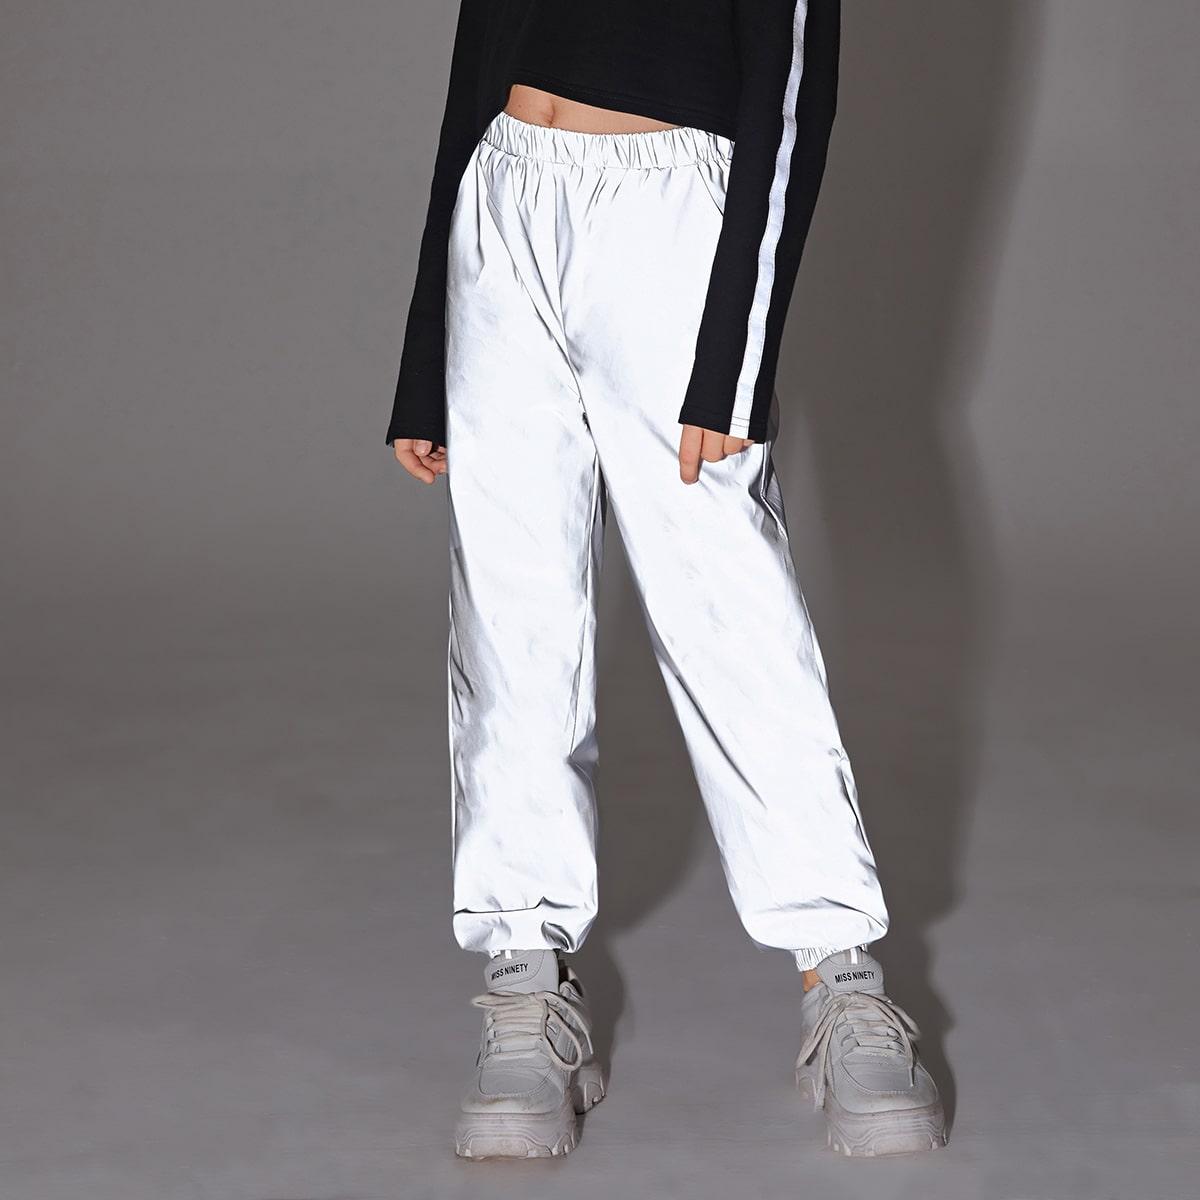 Светоотражающие брюки с карманом для девочек